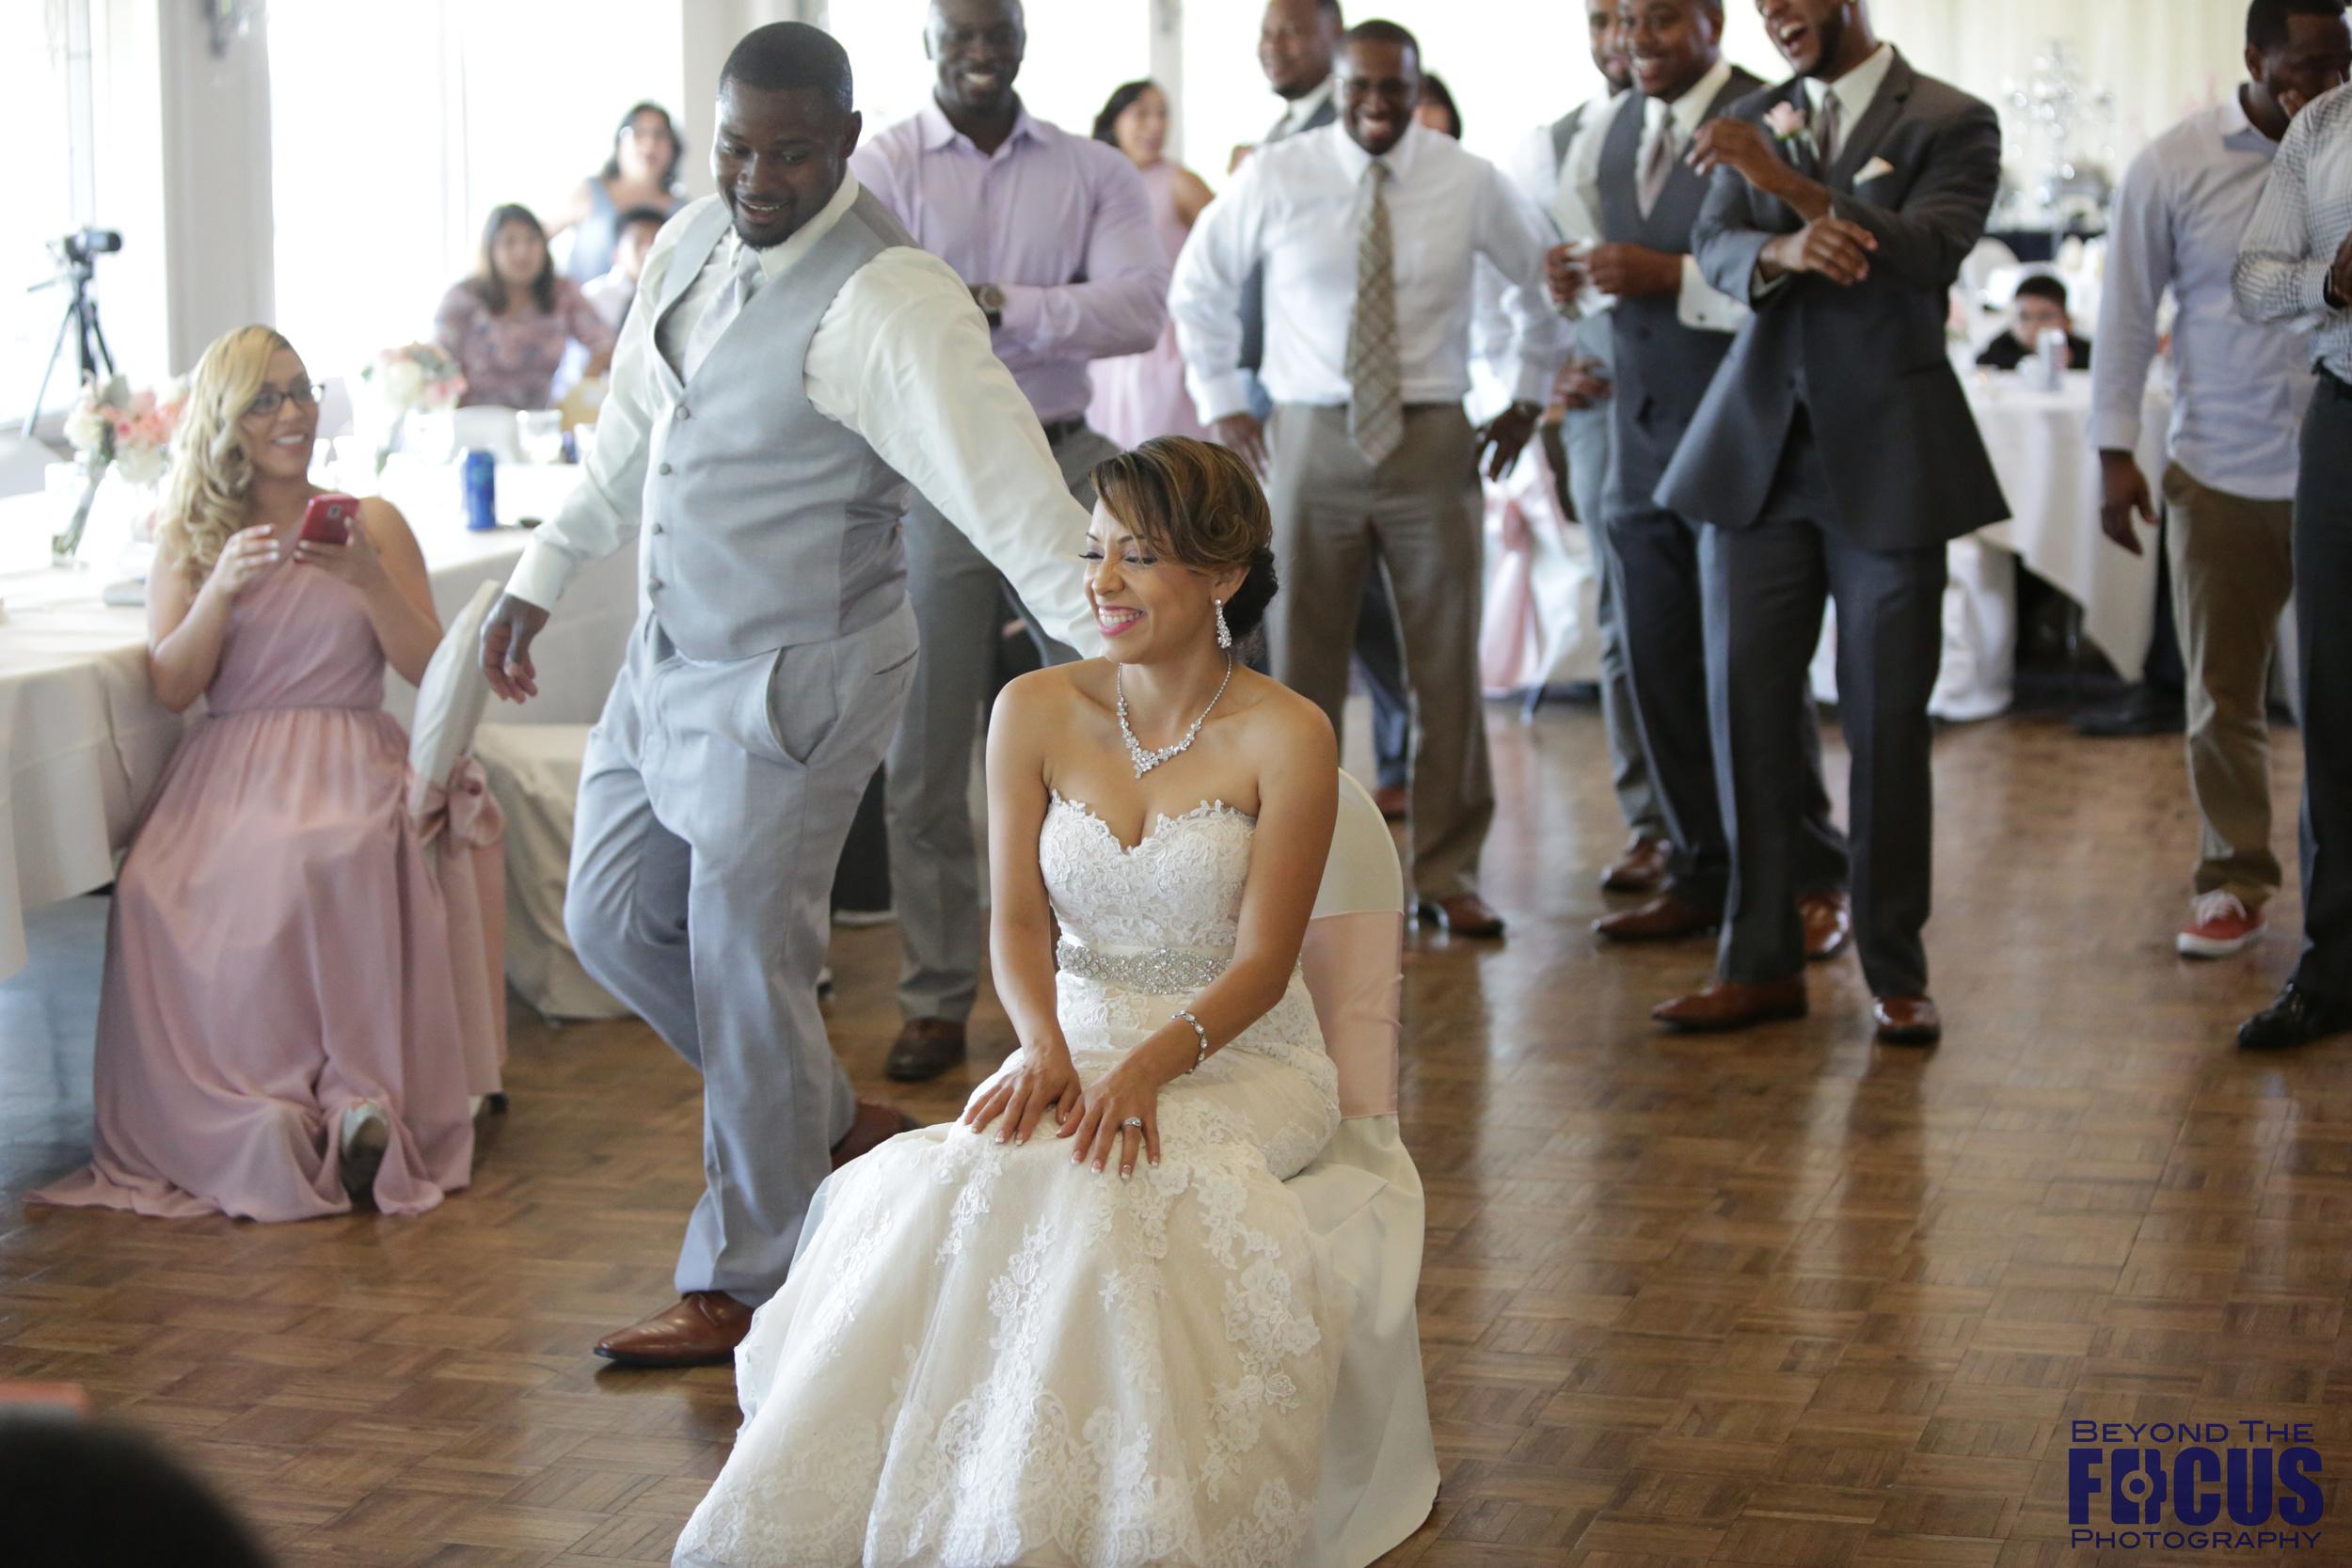 Palmer Wedding - Reception 221.jpg